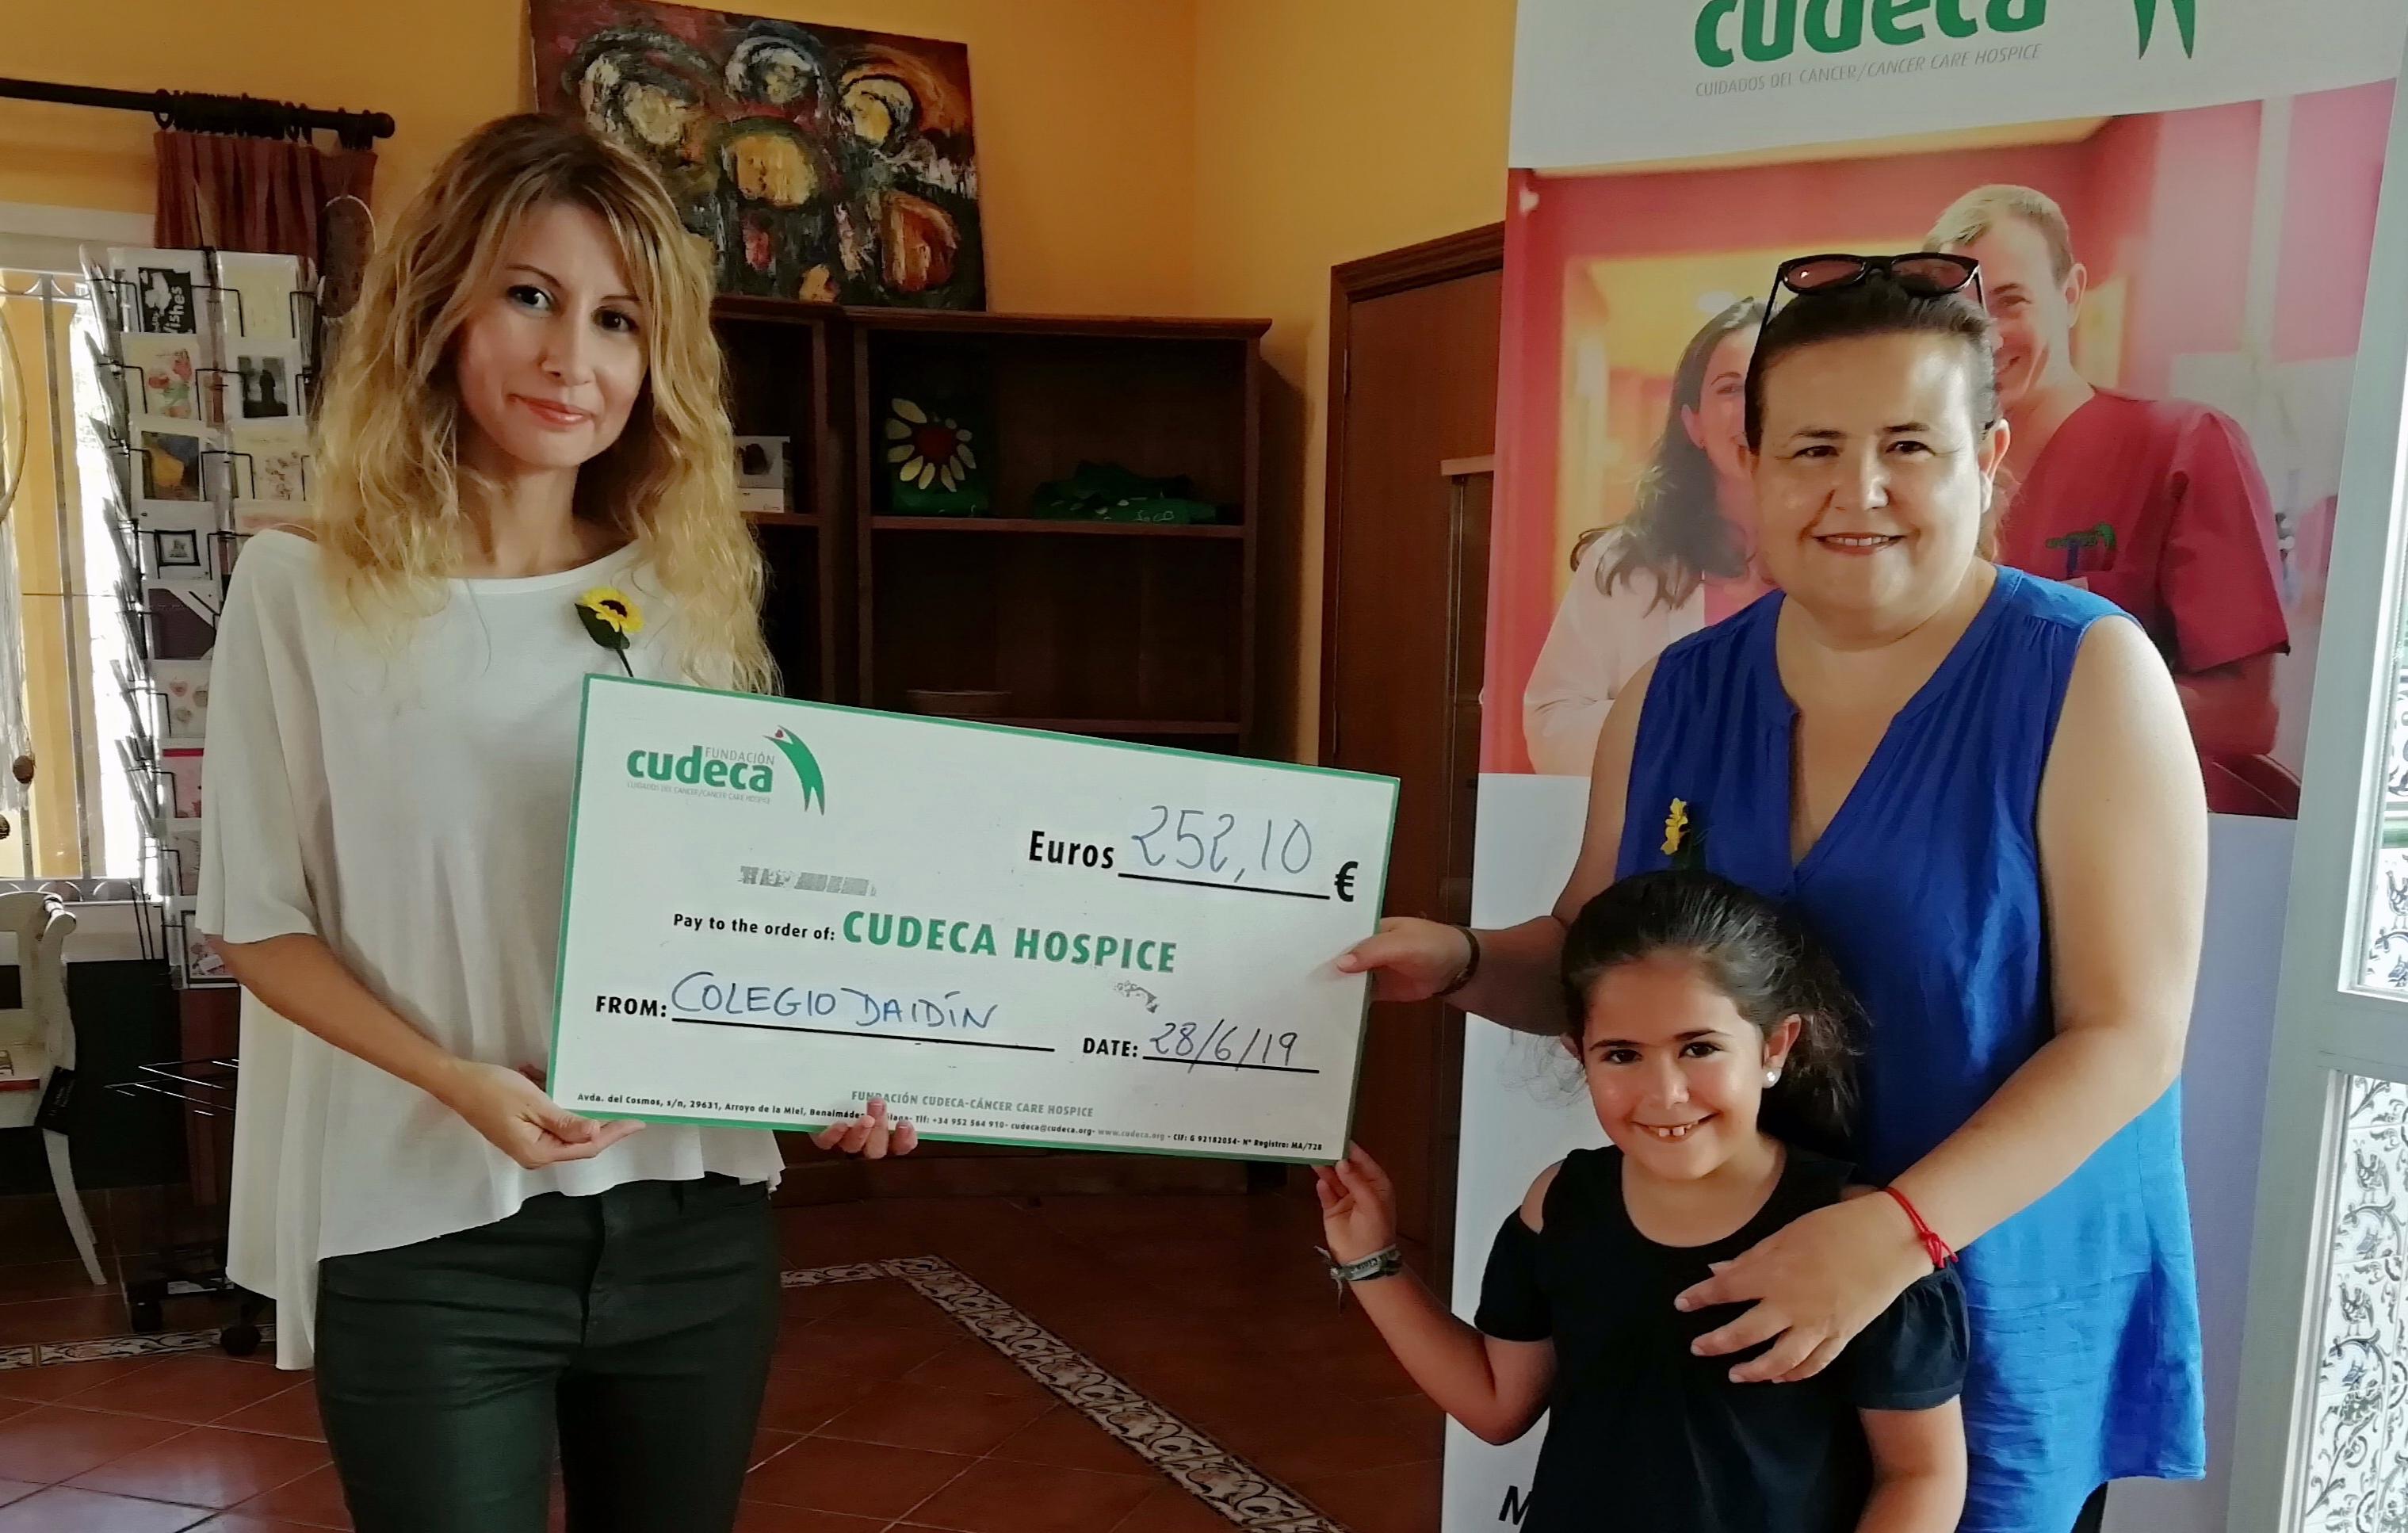 Tómbola Benéfica del Colegio «Daidín» a favor de CUDECA